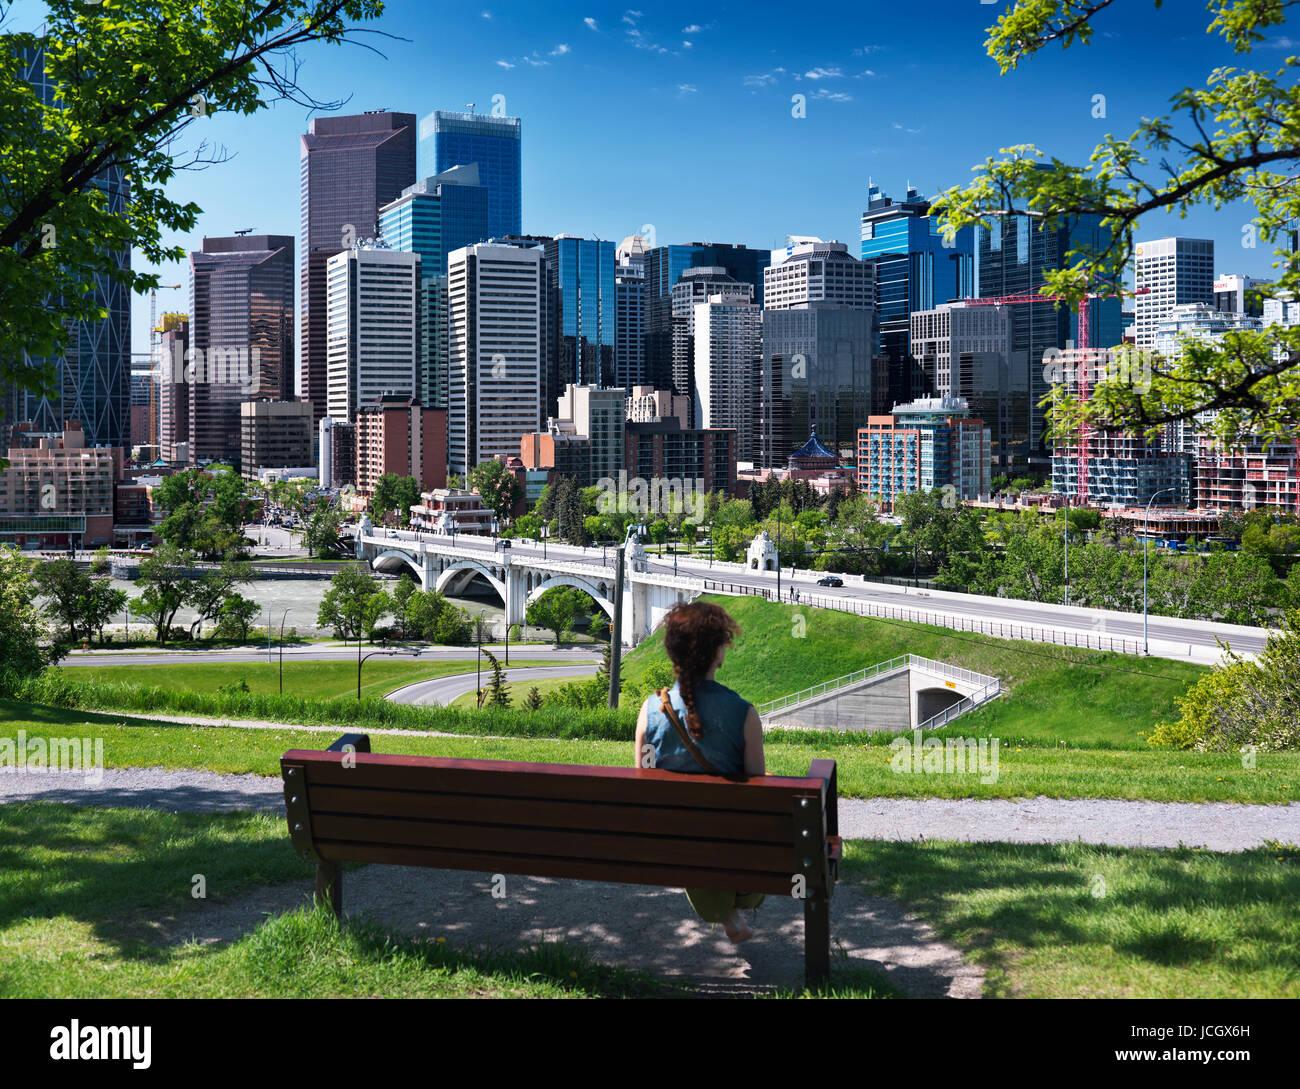 Giovane donna seduta da sola su una panchina in banca Sunnyside Park su una soleggiata giornata estiva con centro Immagini Stock